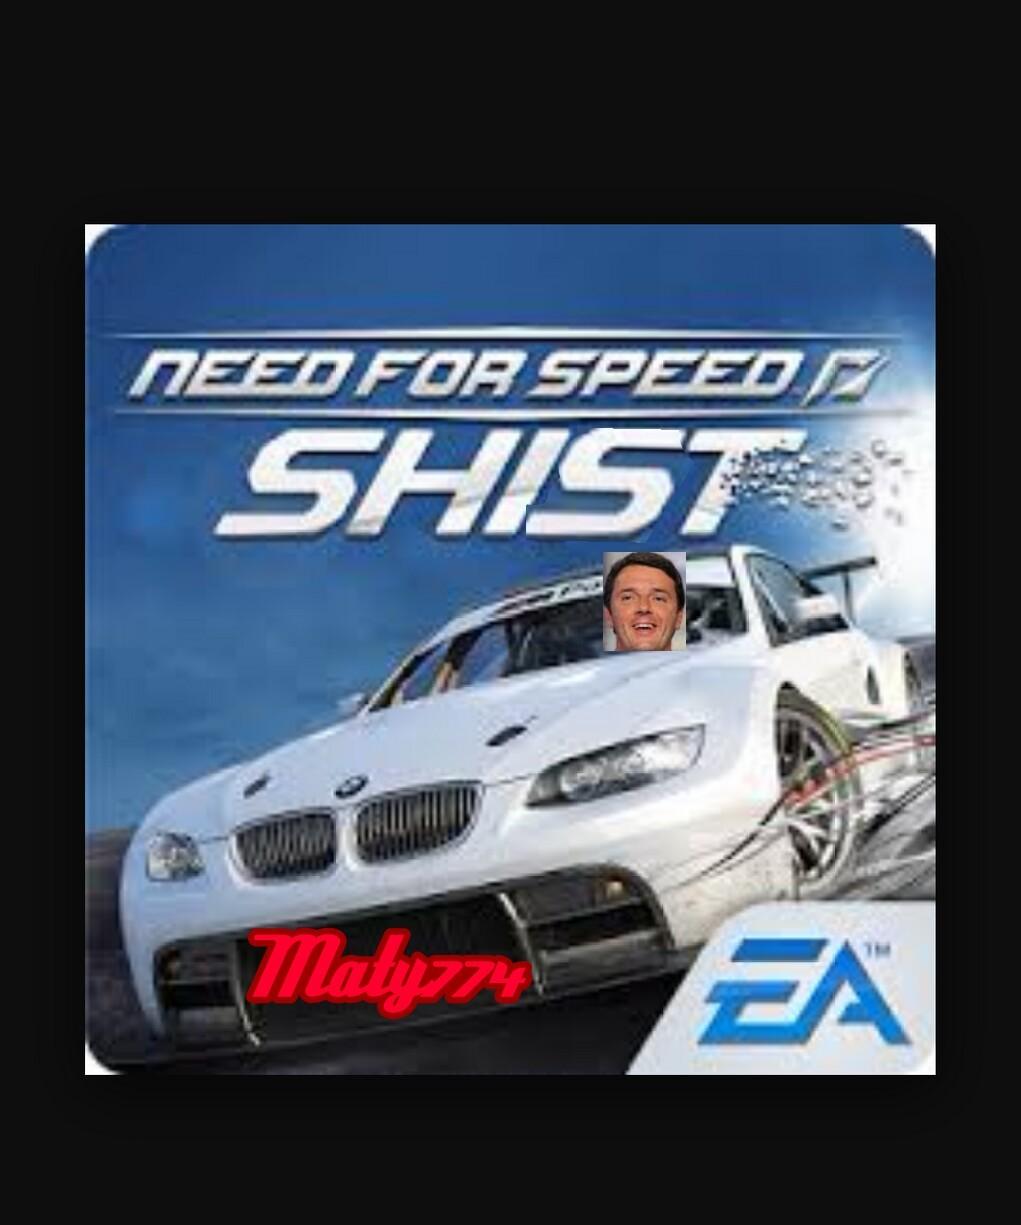 renzi in need for speed - meme